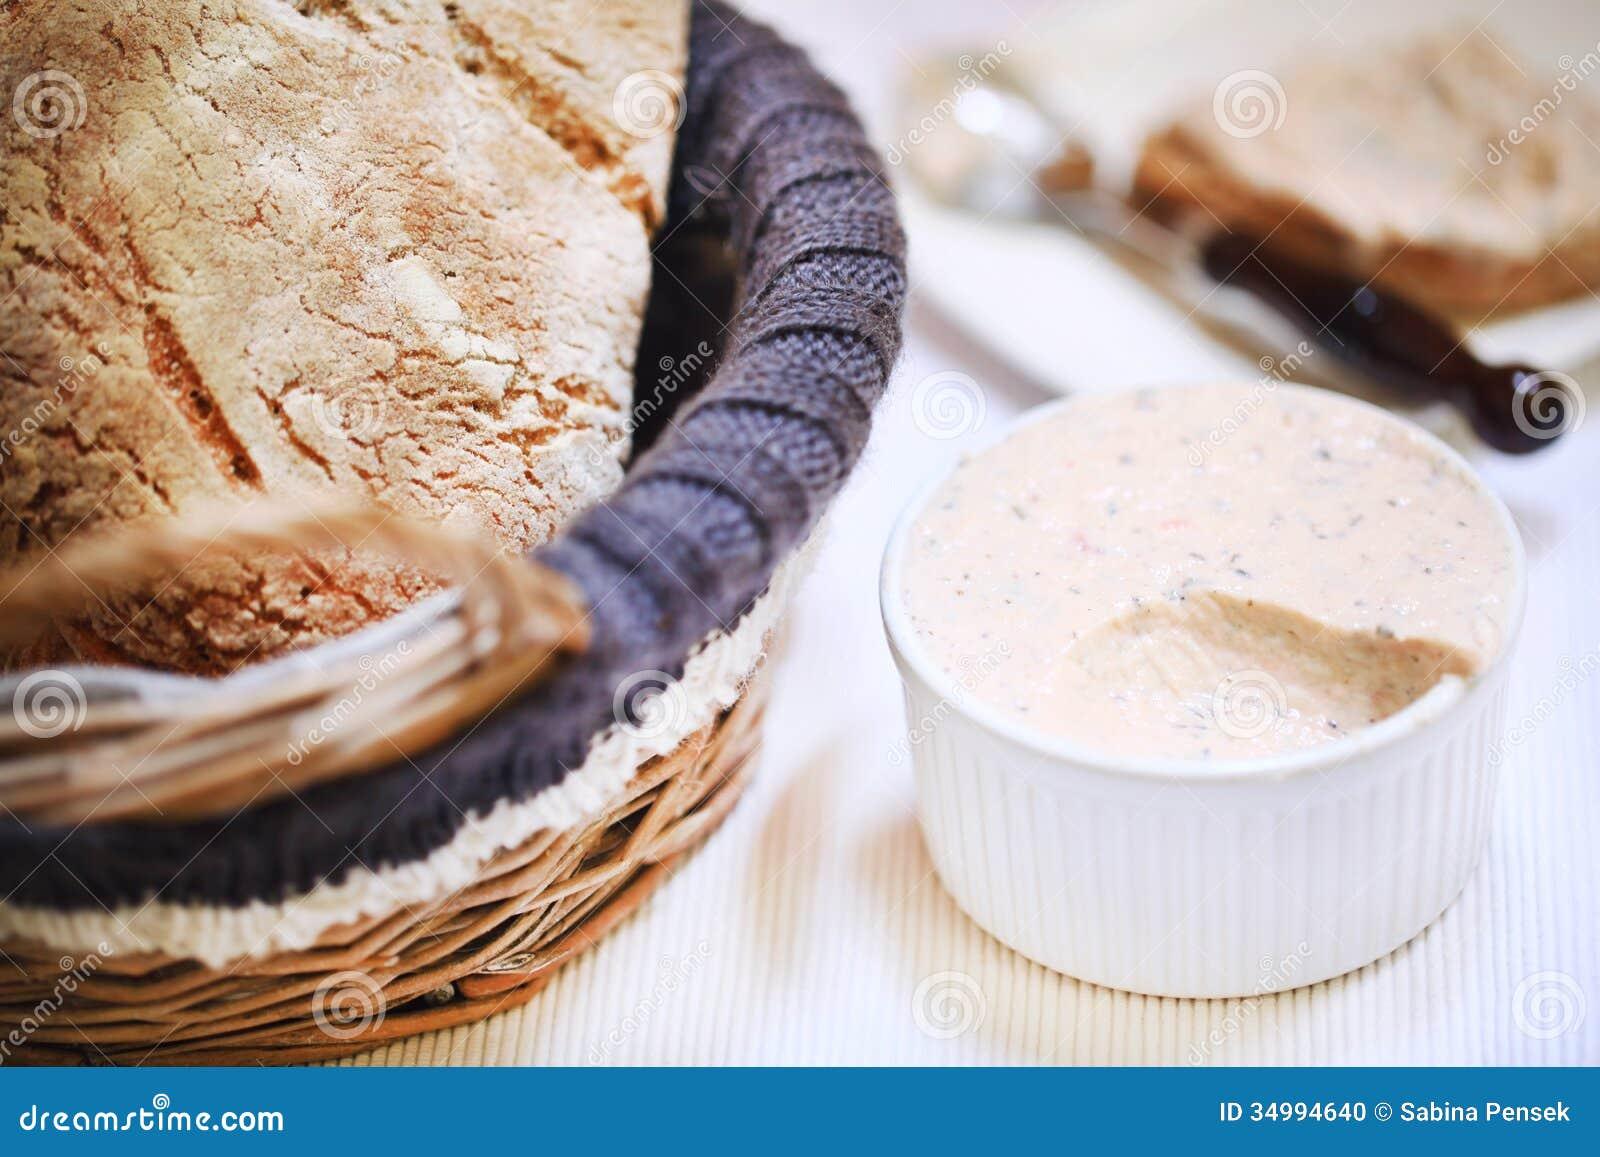 Rökt laxkrämspridning i ramekin med bröd släntrar, aptitretaren